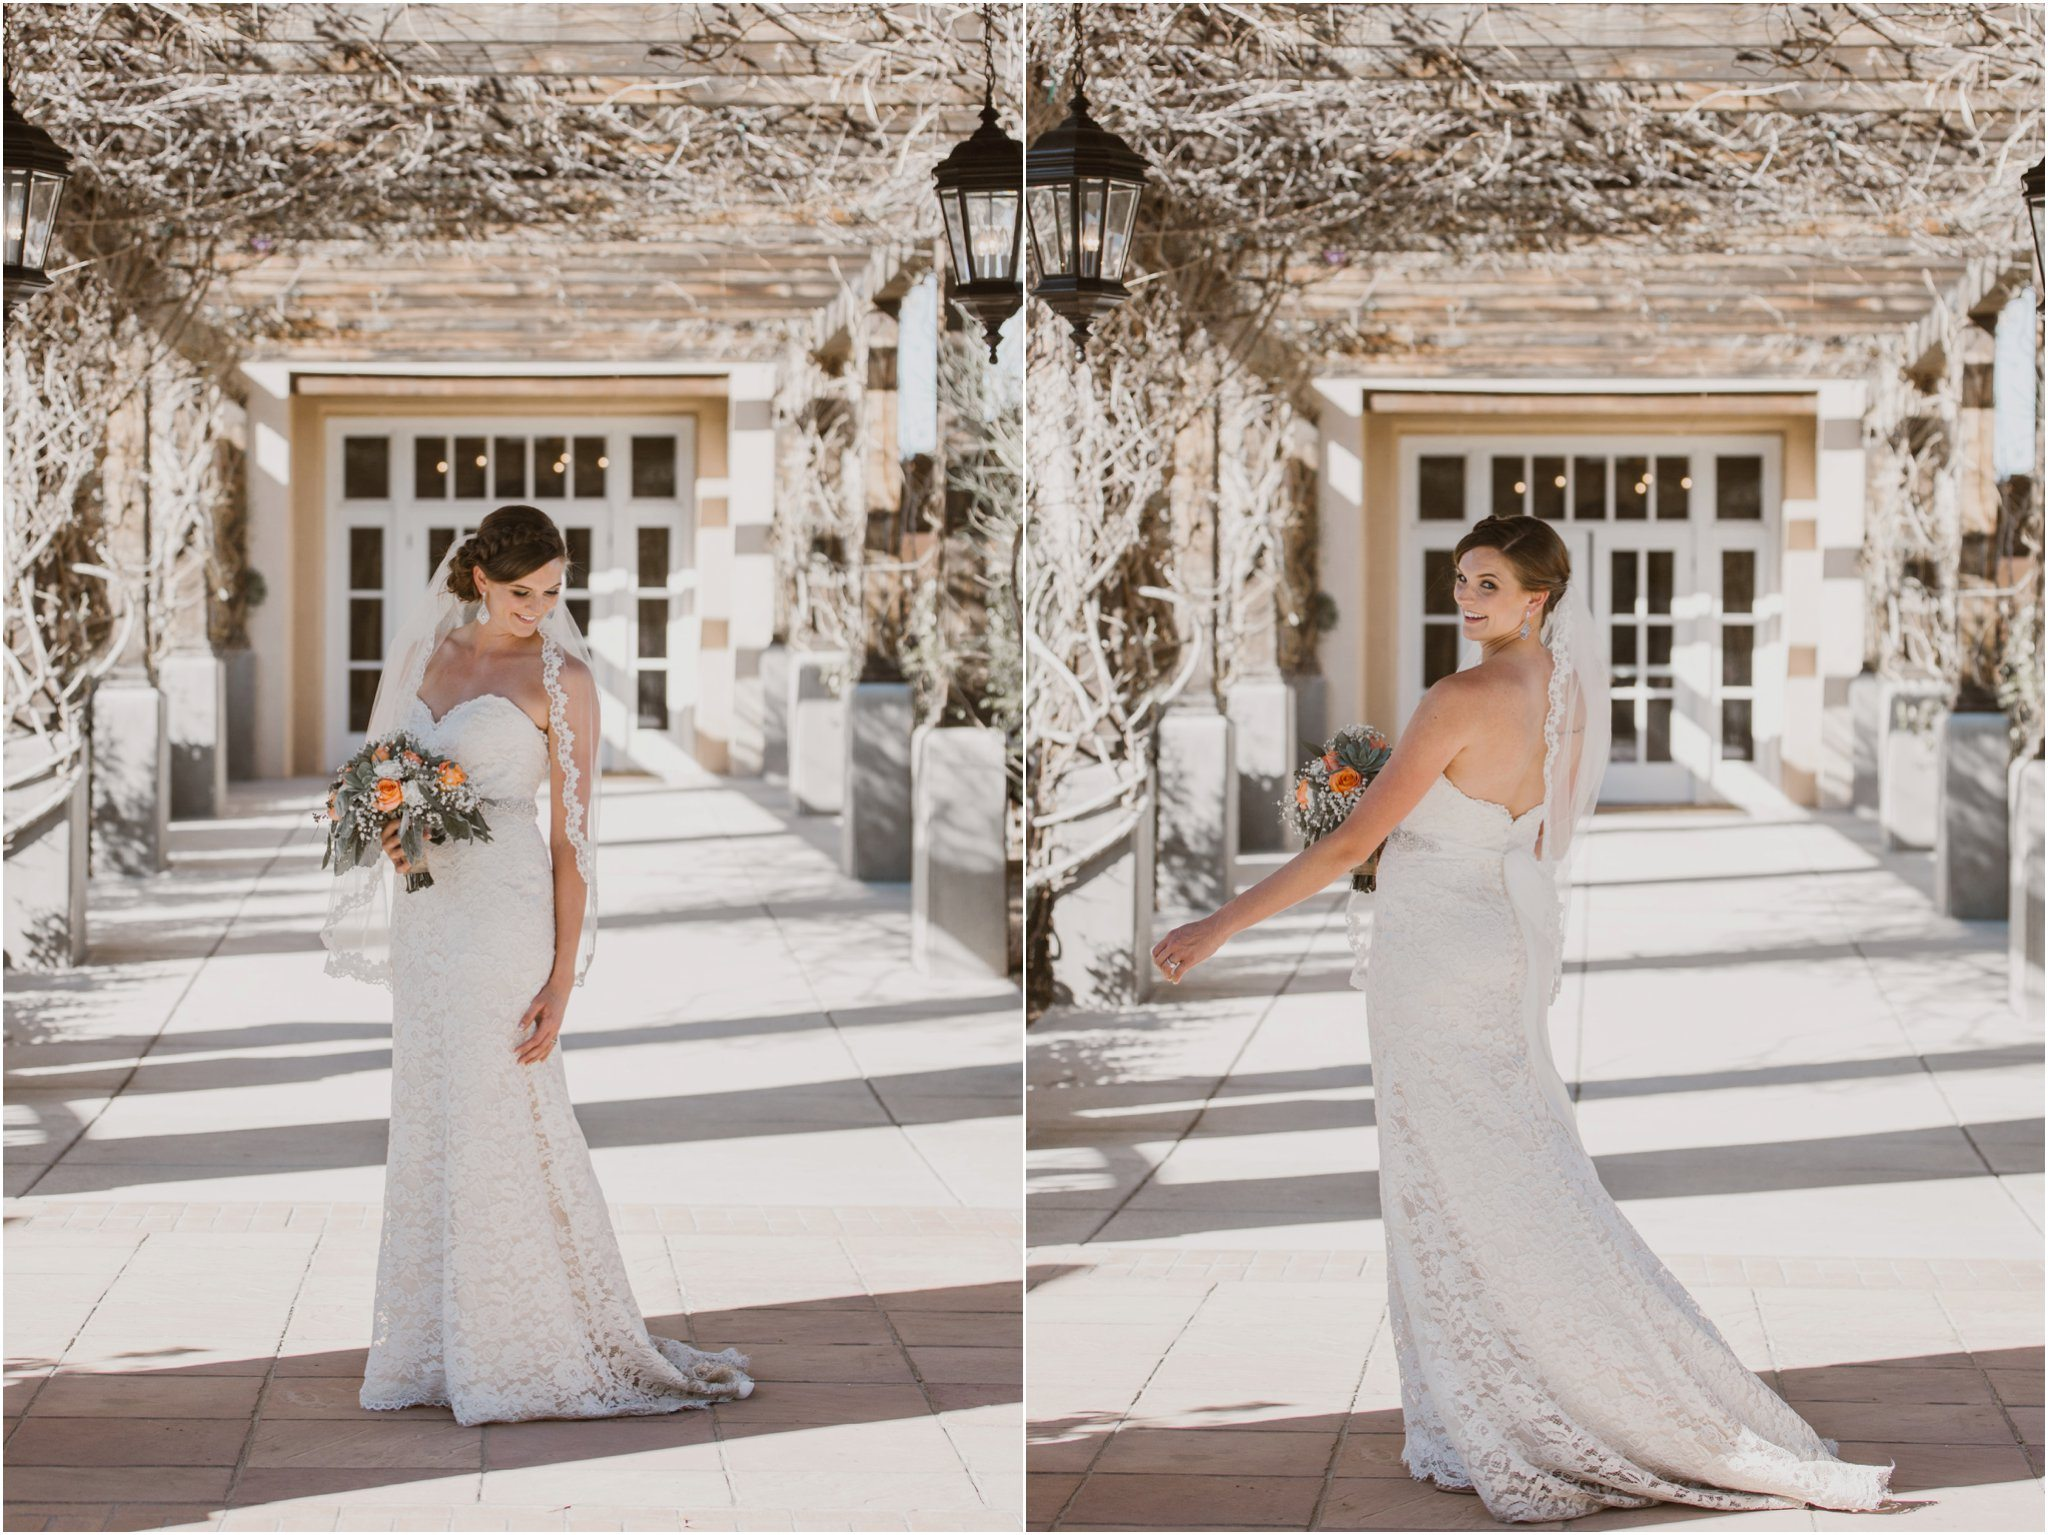 34Blue Rose Photography_ Albuquerque Wedding Photographer_ Santa Fe Wedding Photographers